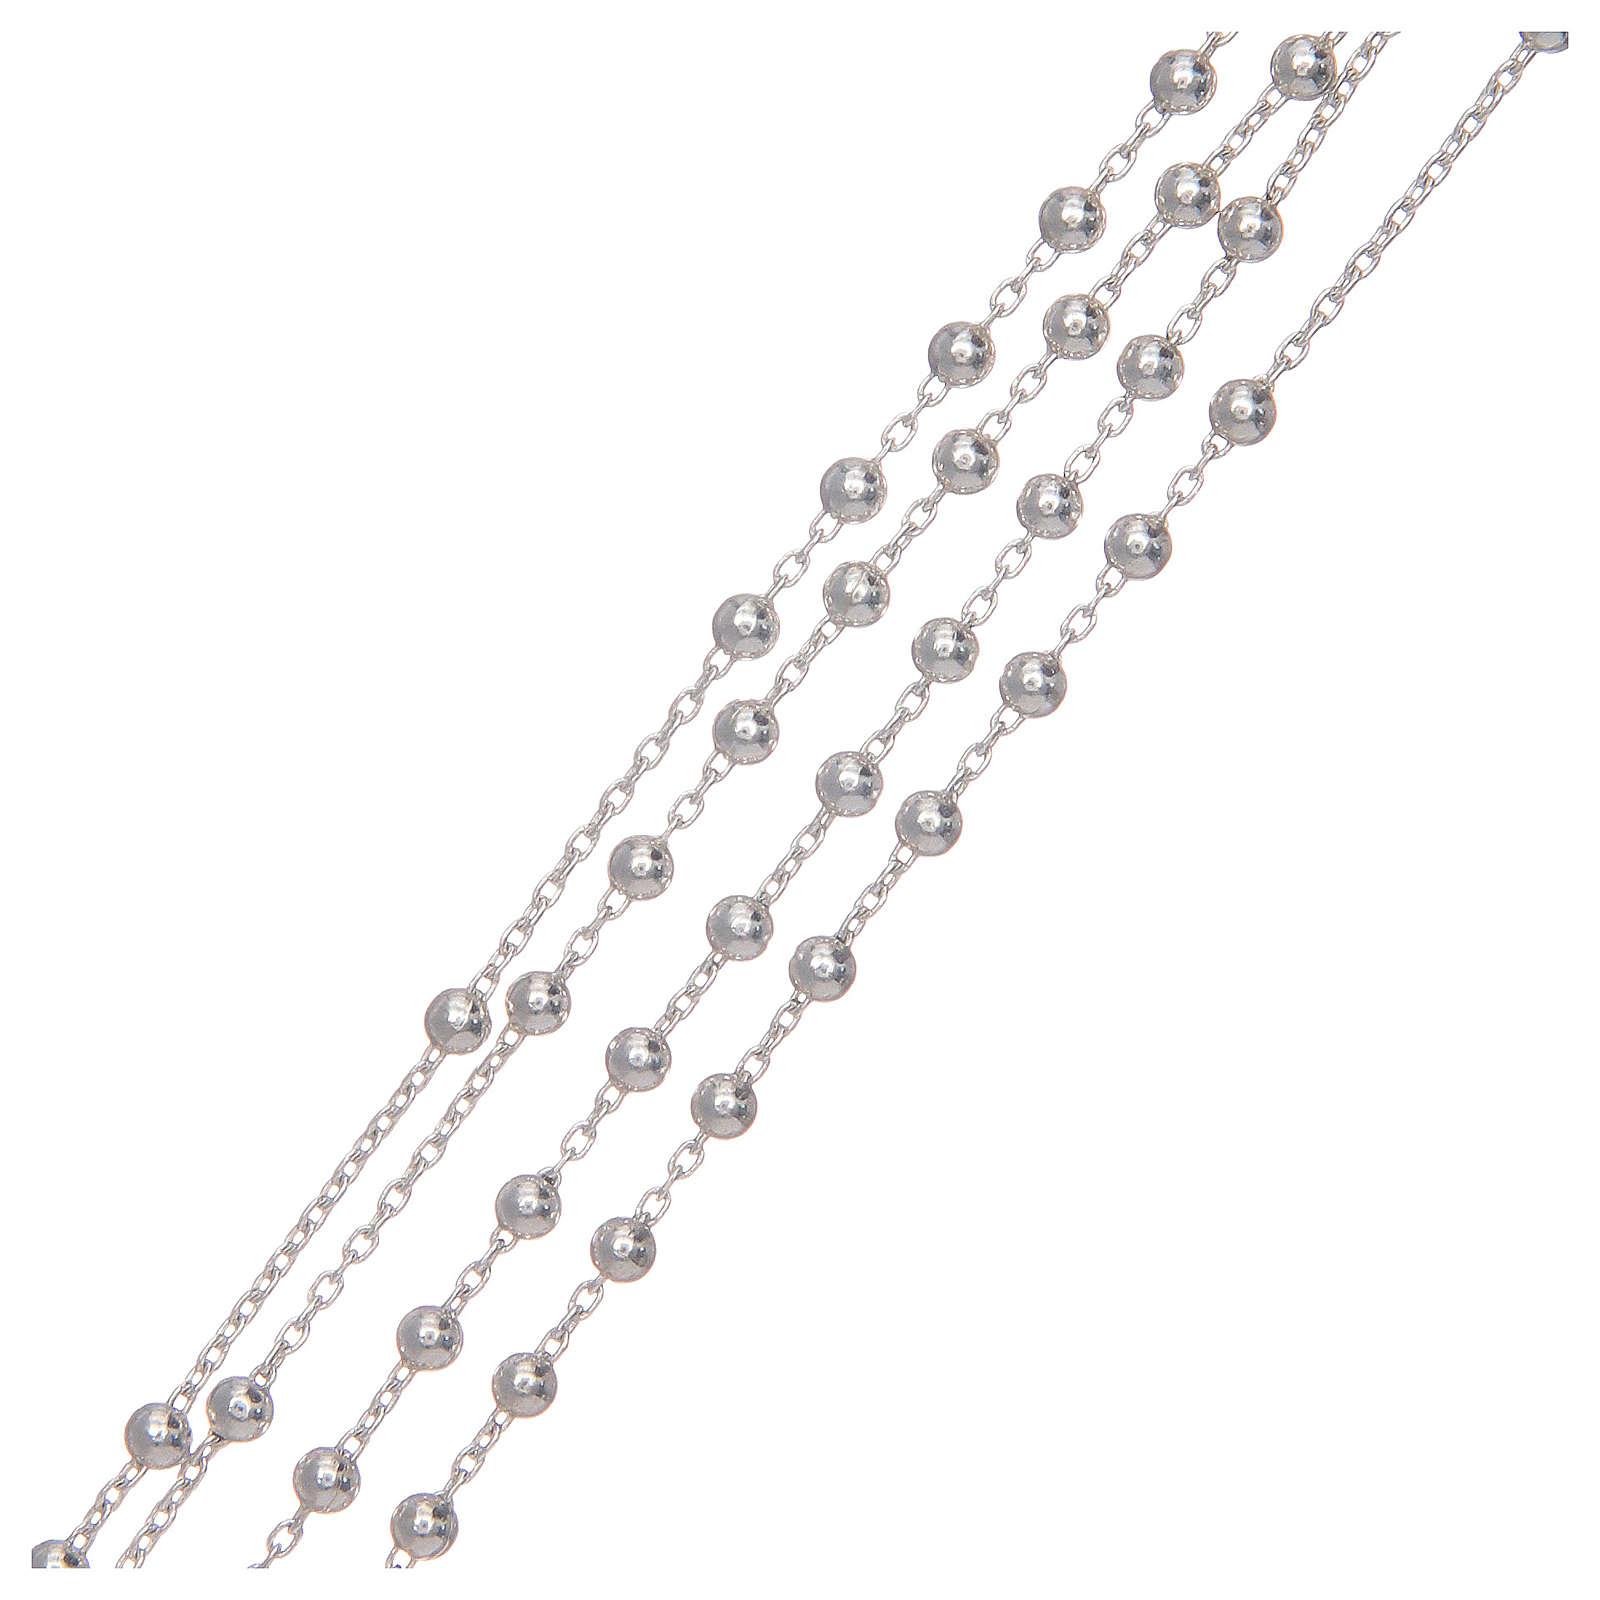 Różaniec srebro 925 na łańcuszku 4